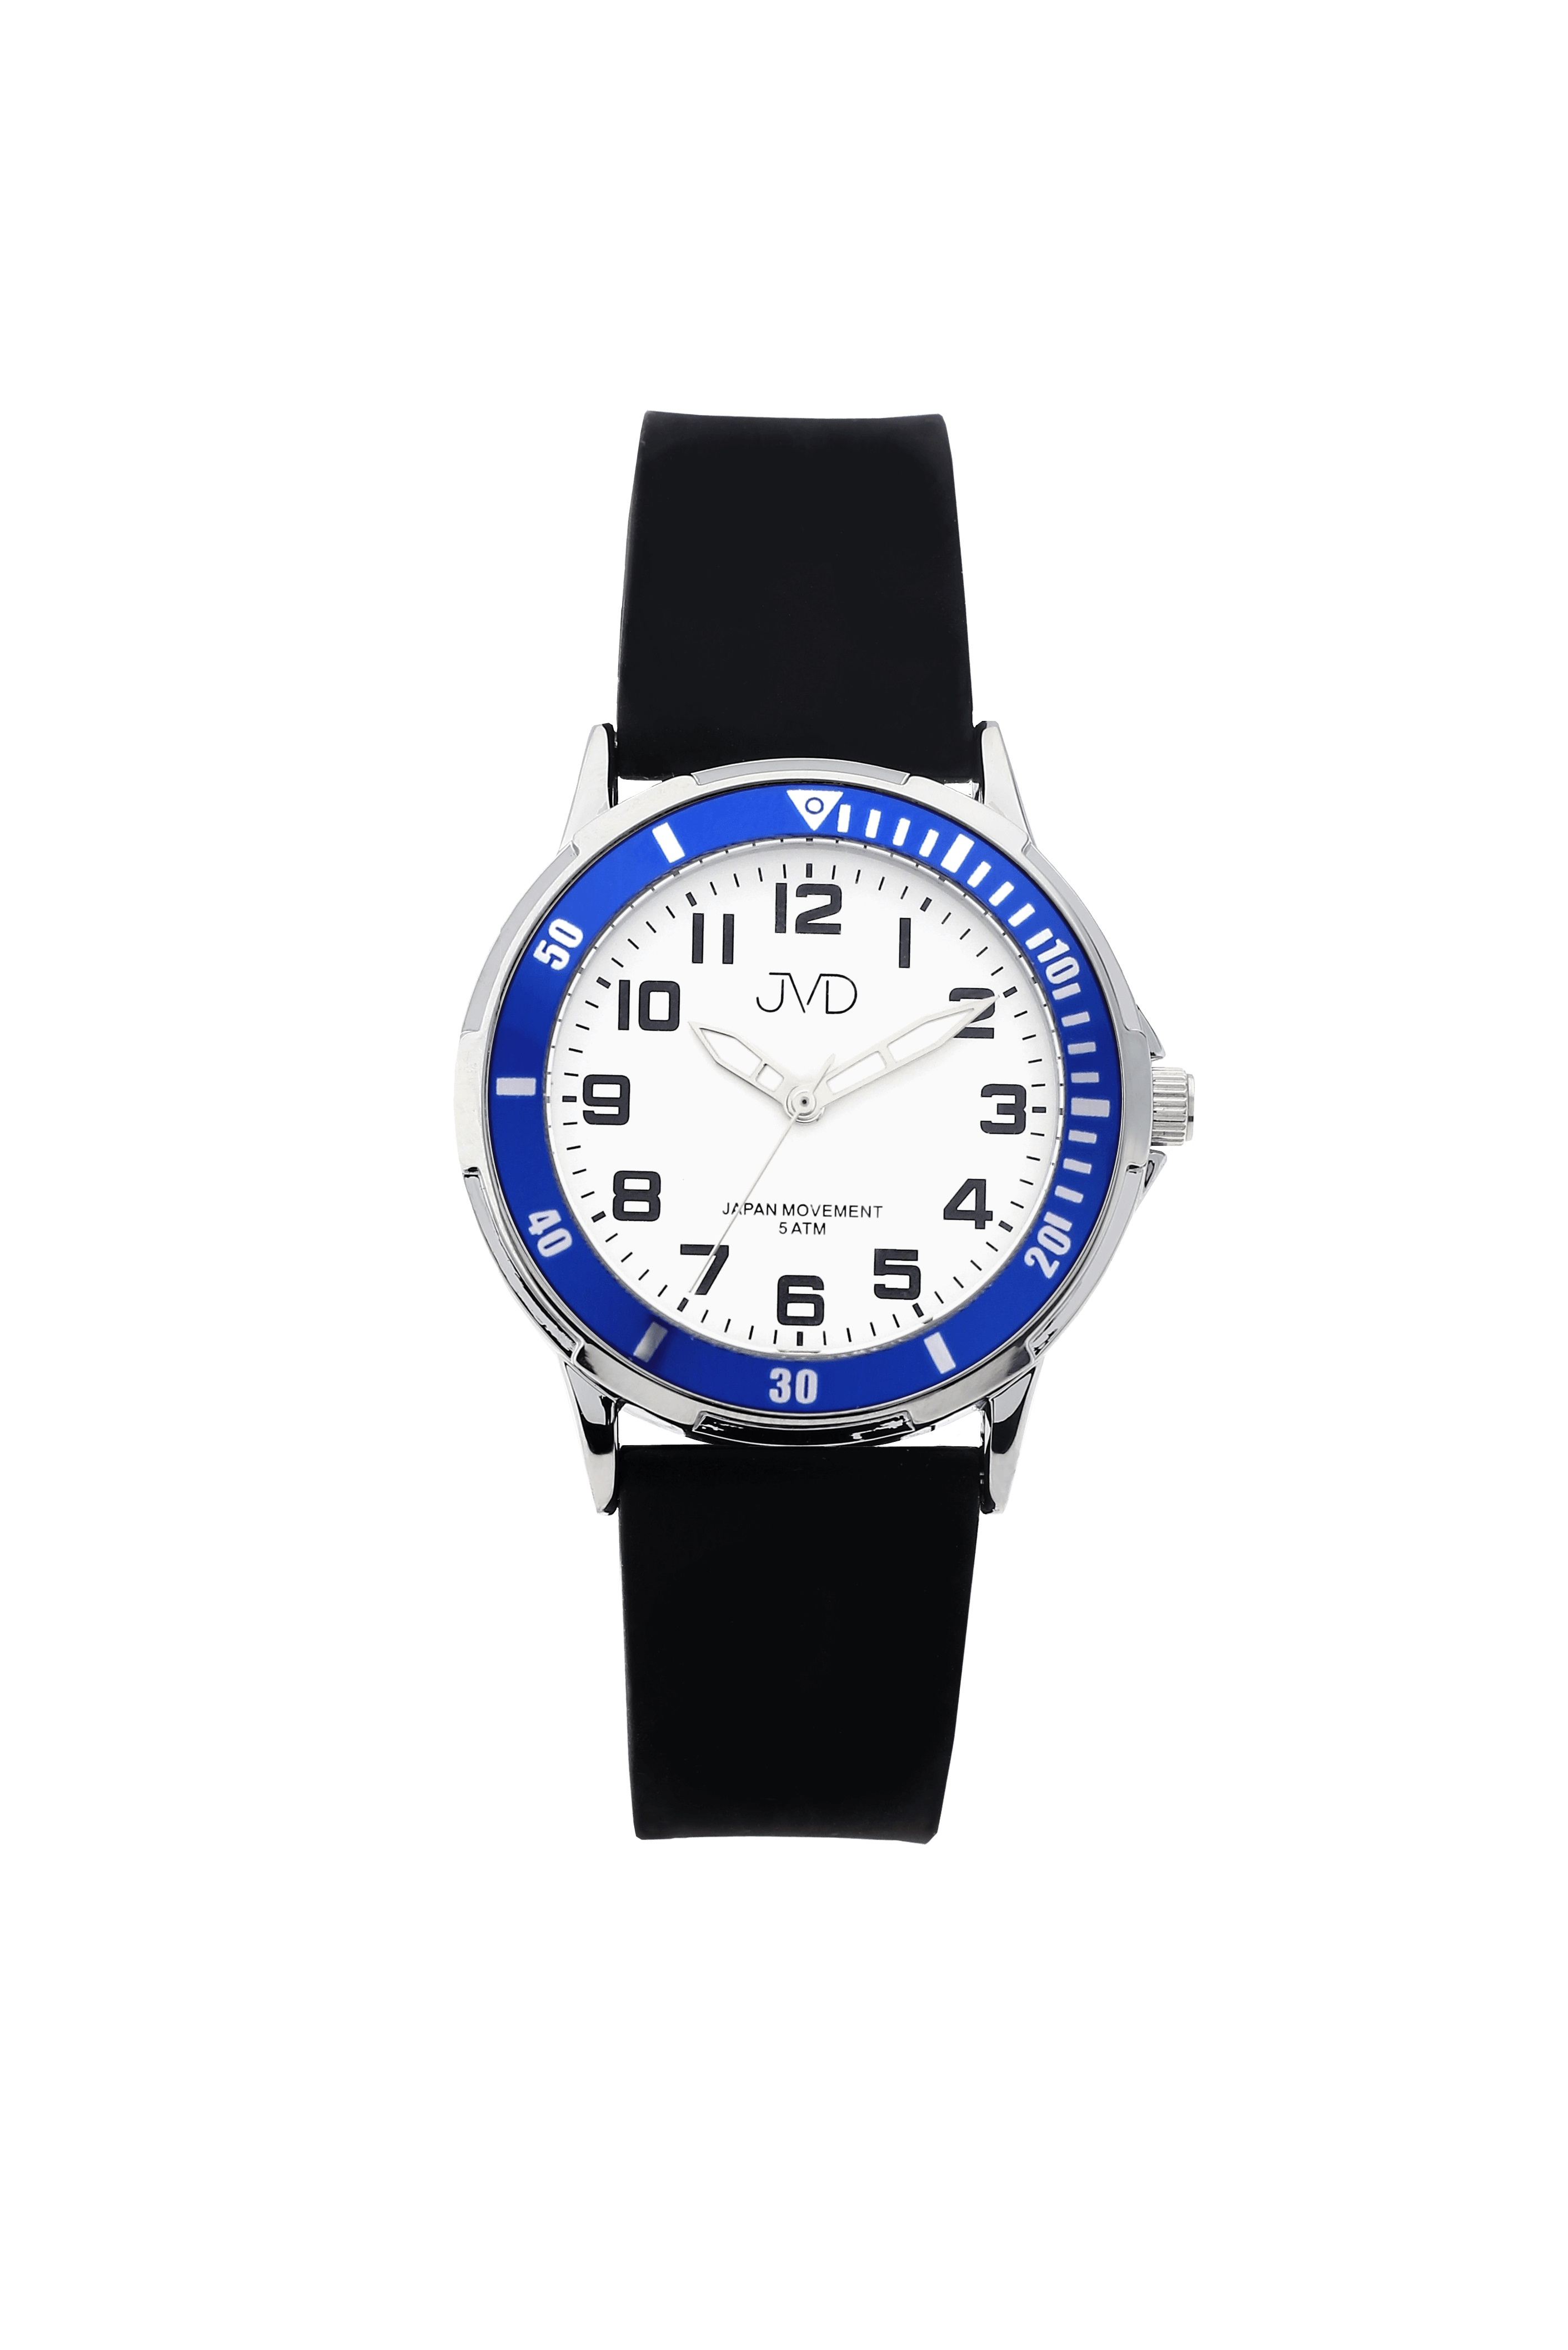 Chlapecké dětské voděodolné náramkové hodinky JVD J7181.2 - 5ATM (POŠTOVNÉ ZDARMA!! )